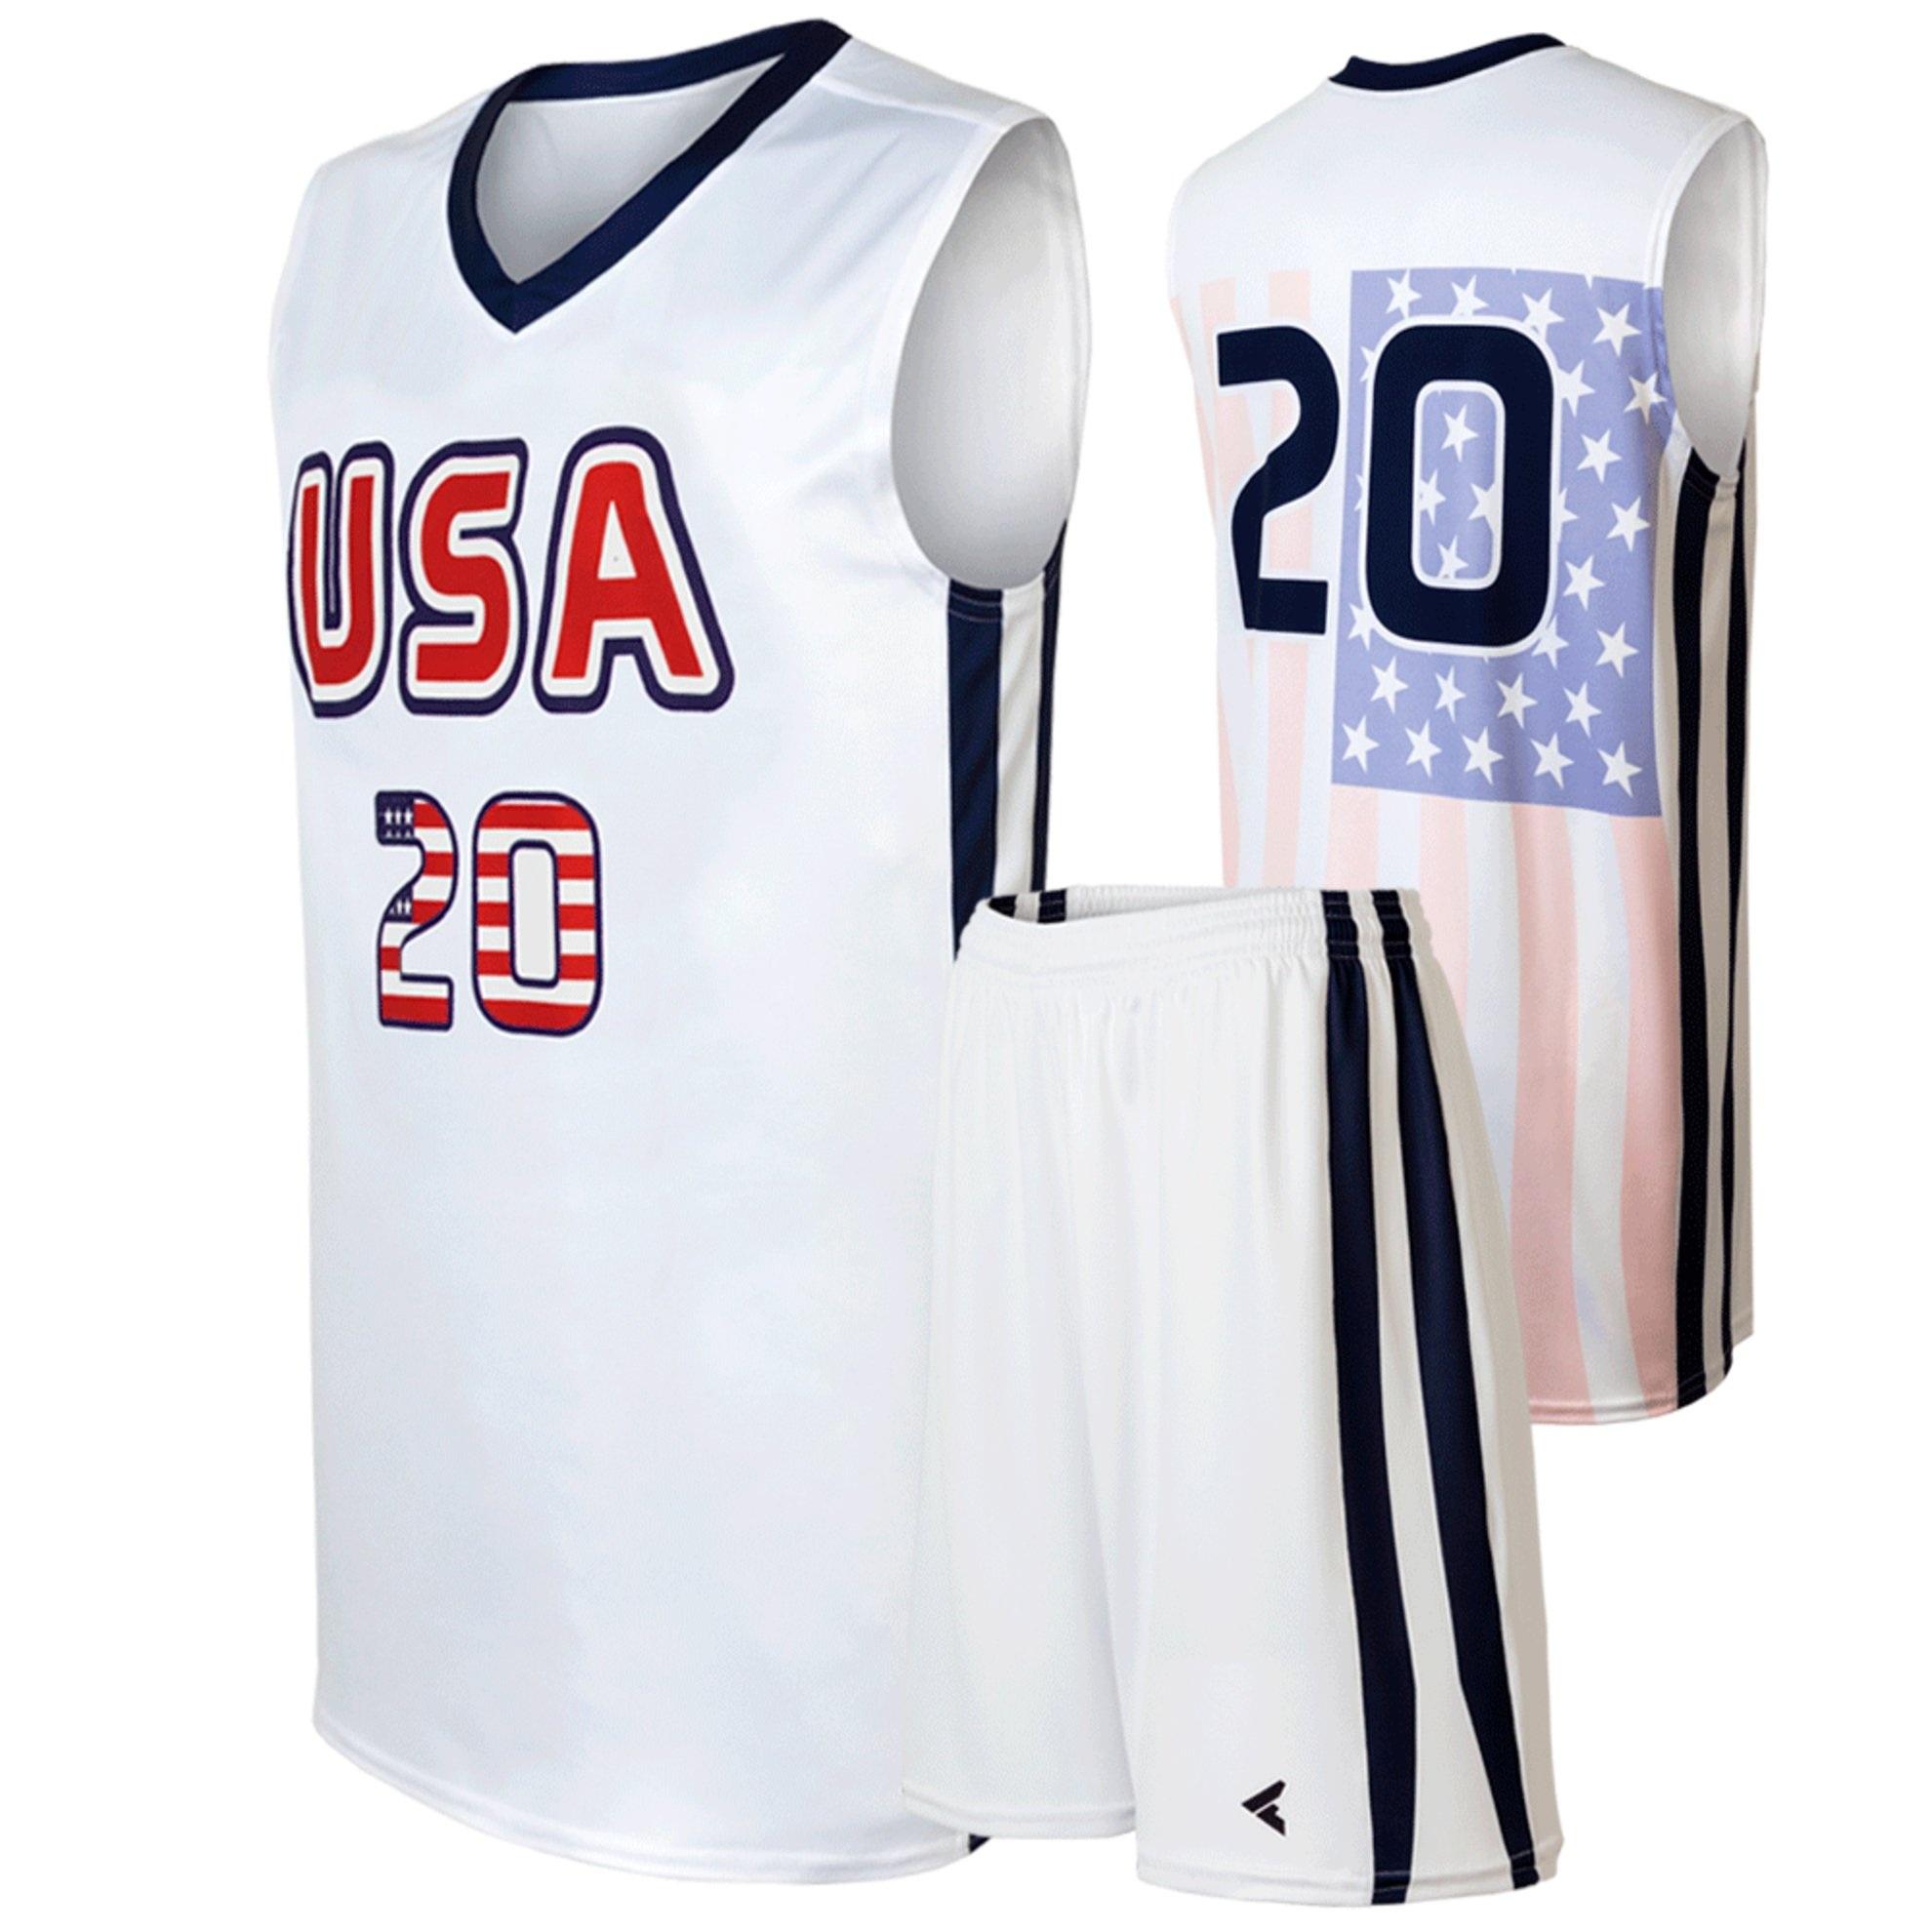 06c6c2d53 Bildet : basketball, opplæring, klær, yttertøy, merke, produkt, font ...